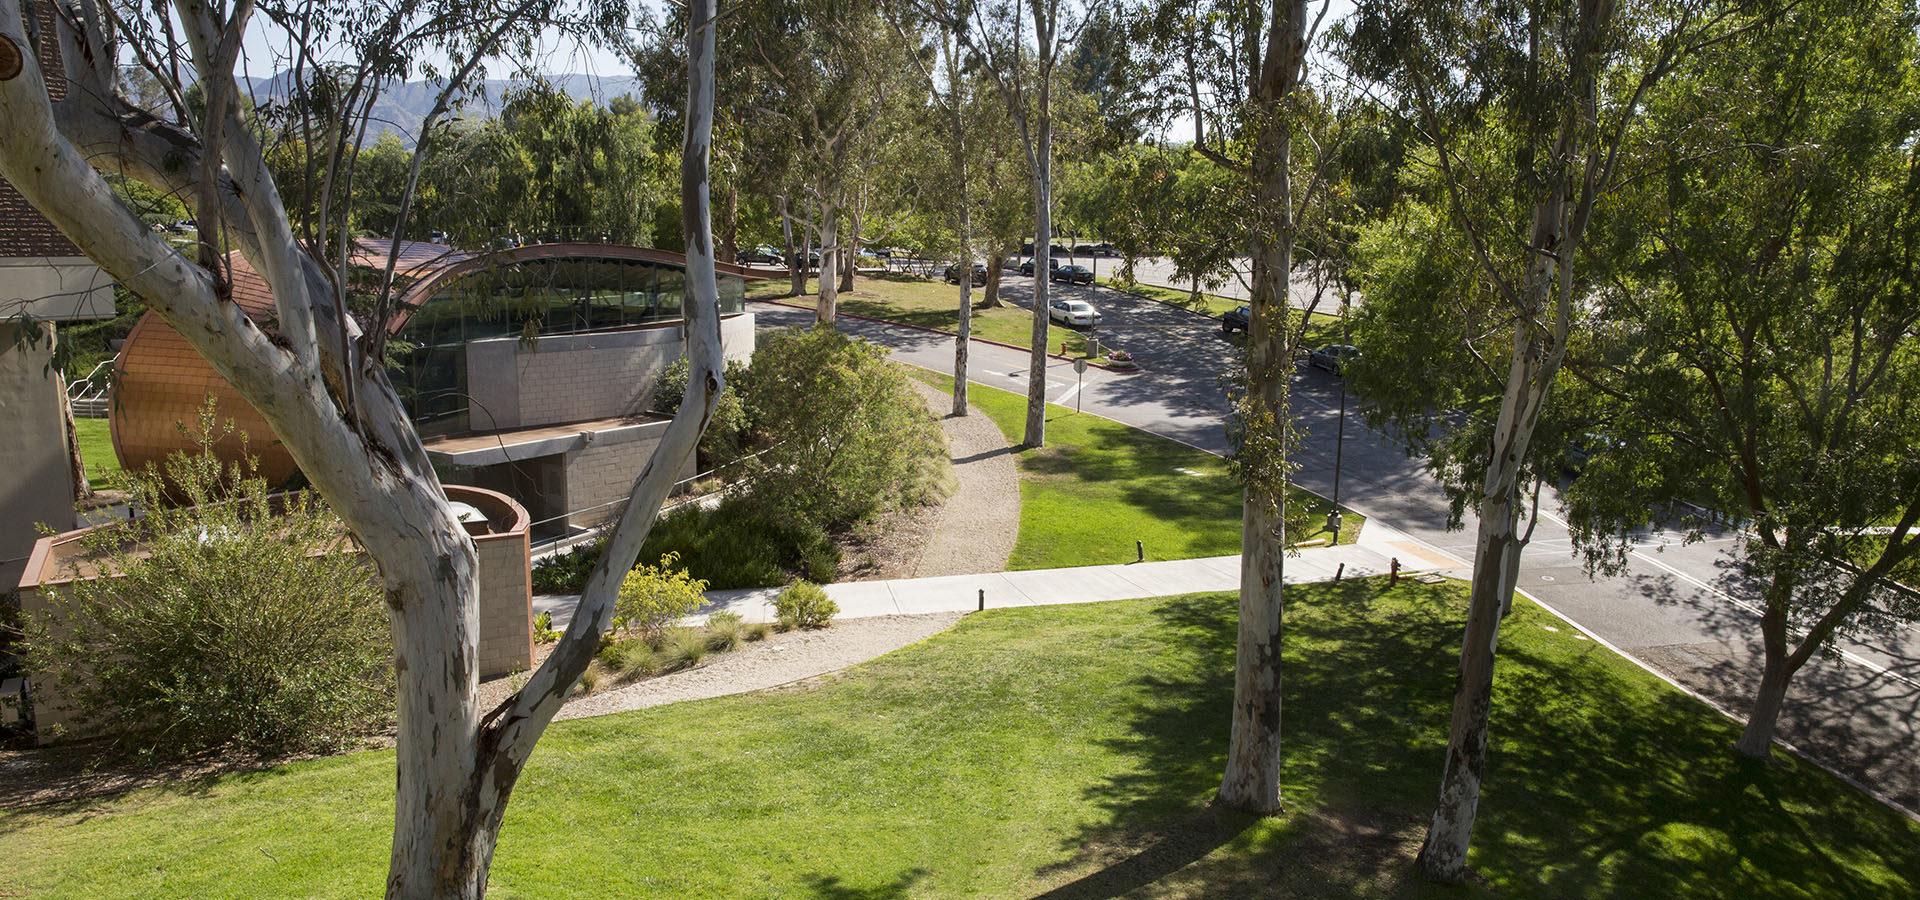 Calarts Campus